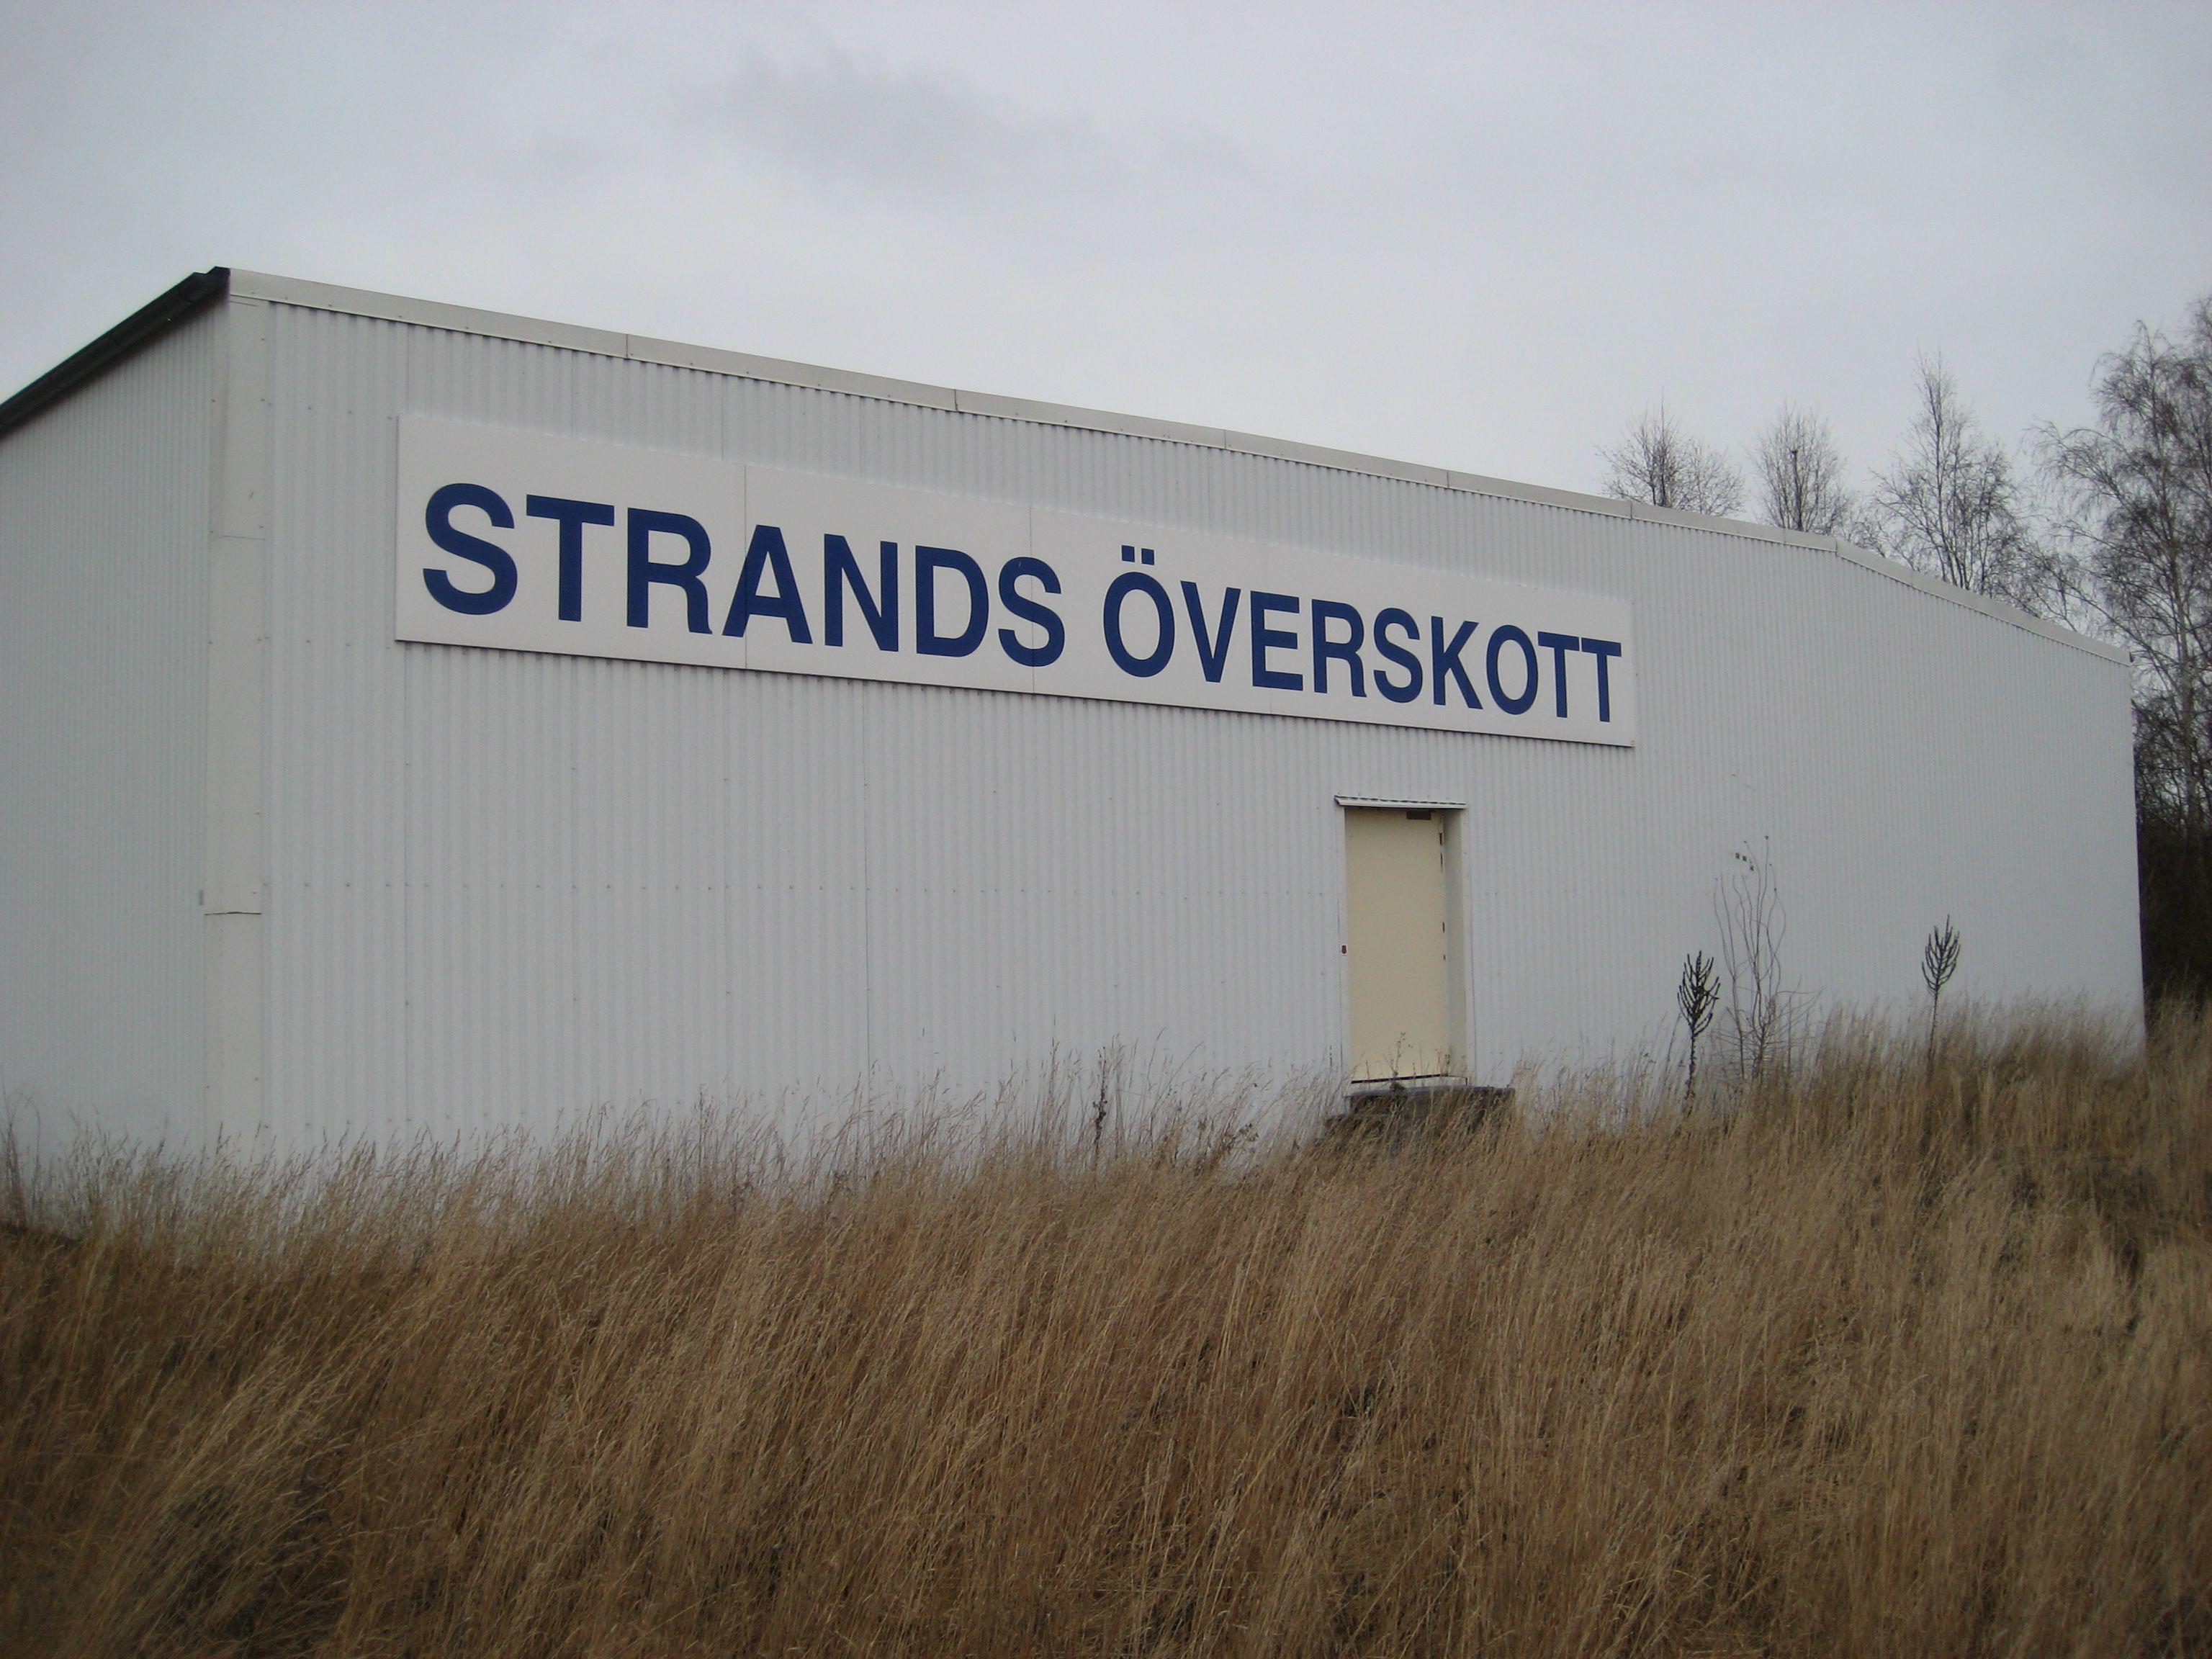 köpa begagnat byggmaterial stockholm